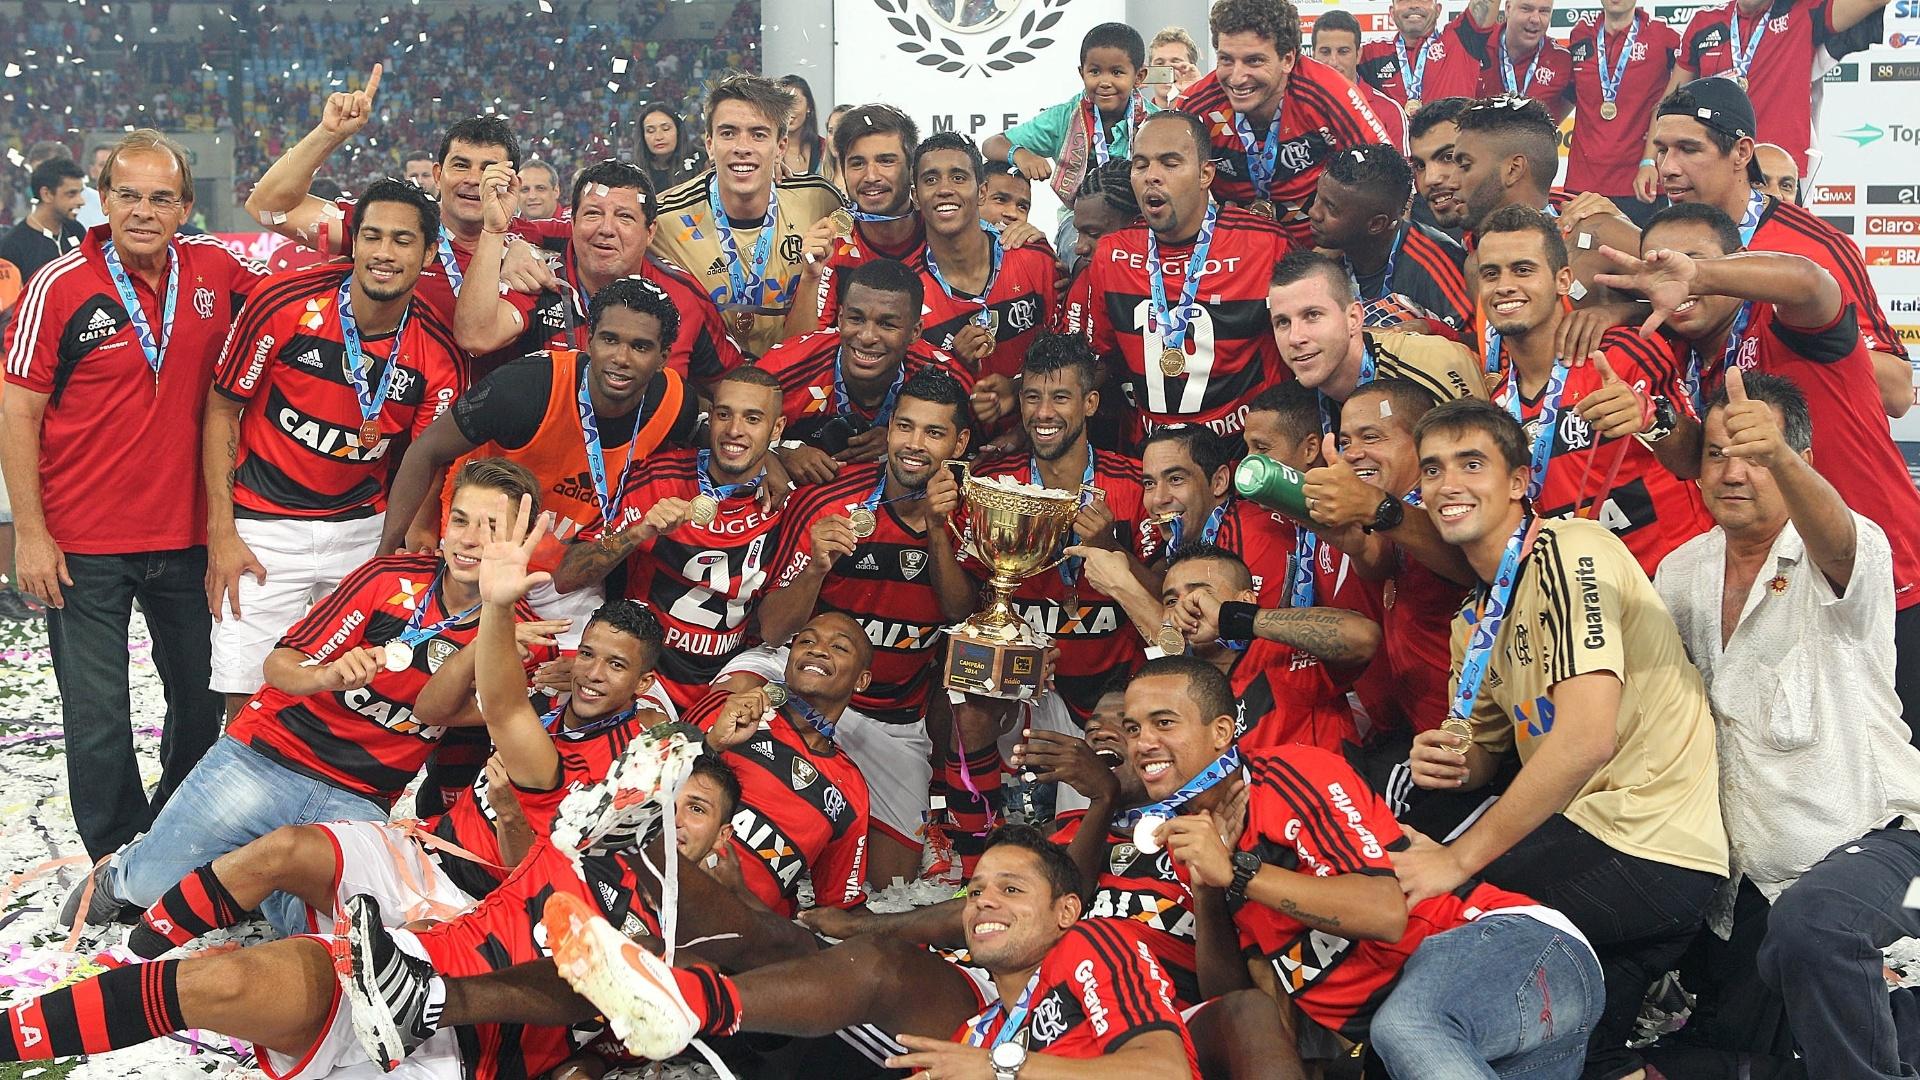 Jogadores do Flamengo se juntam para tirar foto com a taça de campeão carioca